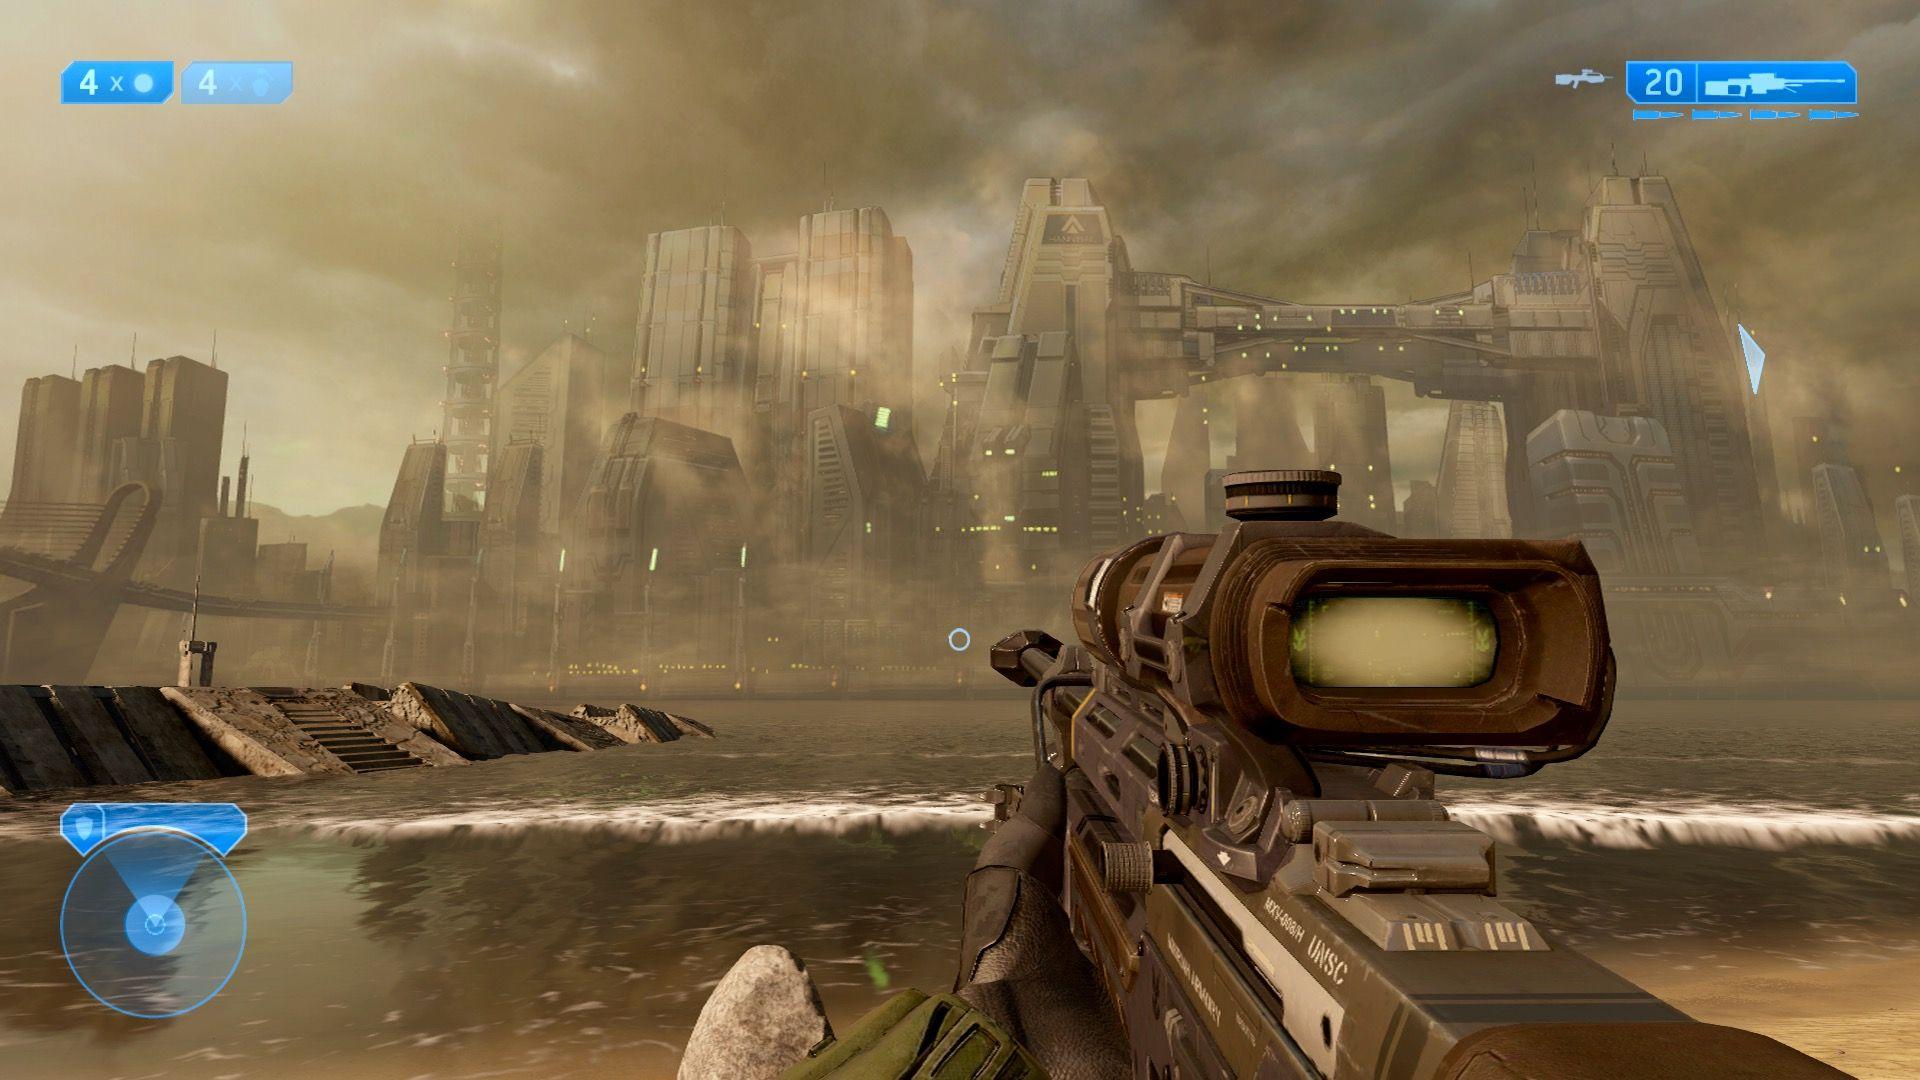 New Mombasa   Halo 2/Halo 2 Anniversary Screenshots   Halo 2, Halo